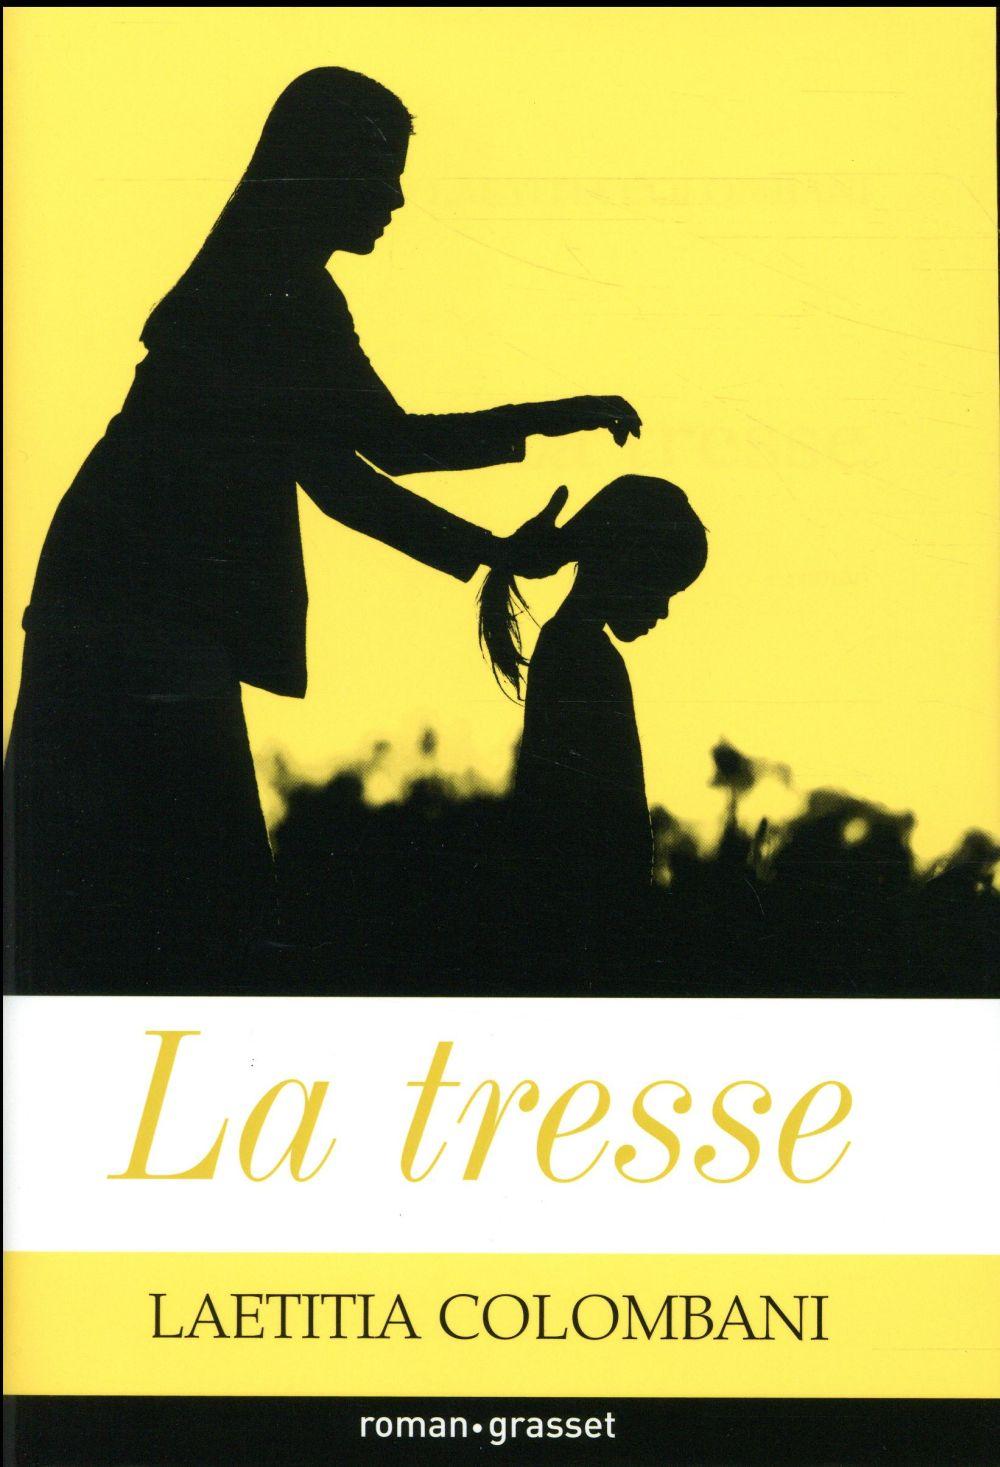 La tresse - Laeticia Colombani - Grasset